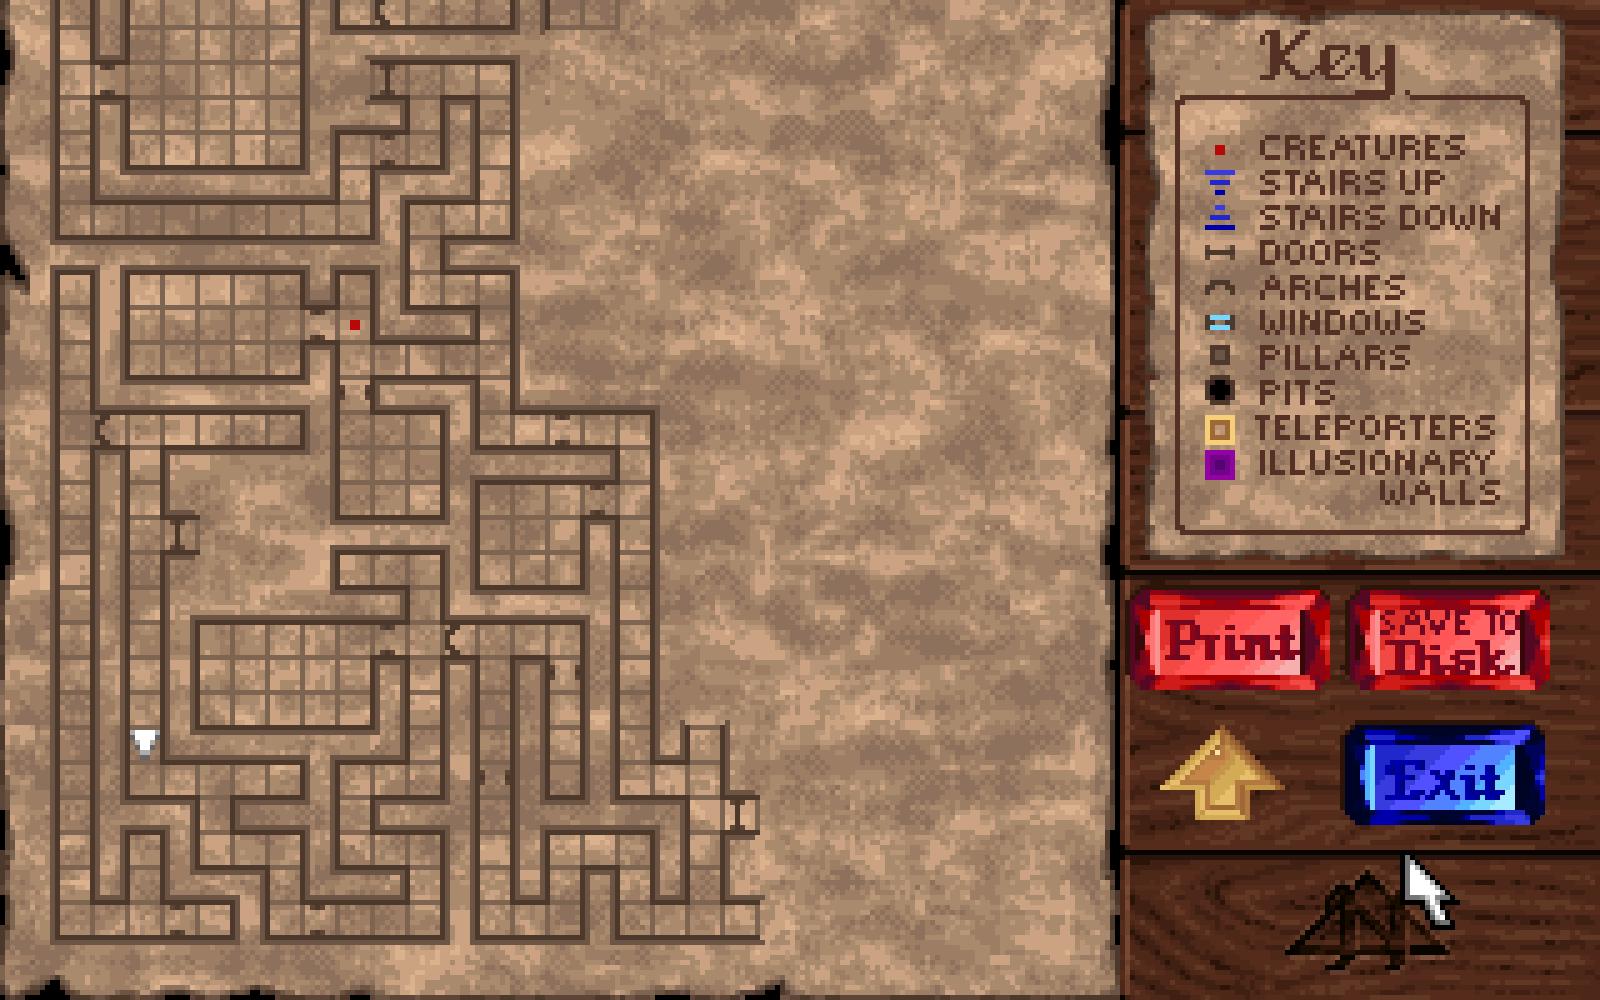 Tous les niveaux de Dungeon Hack ressemblent à ça. J'espère que vous aimez les spaghettis.